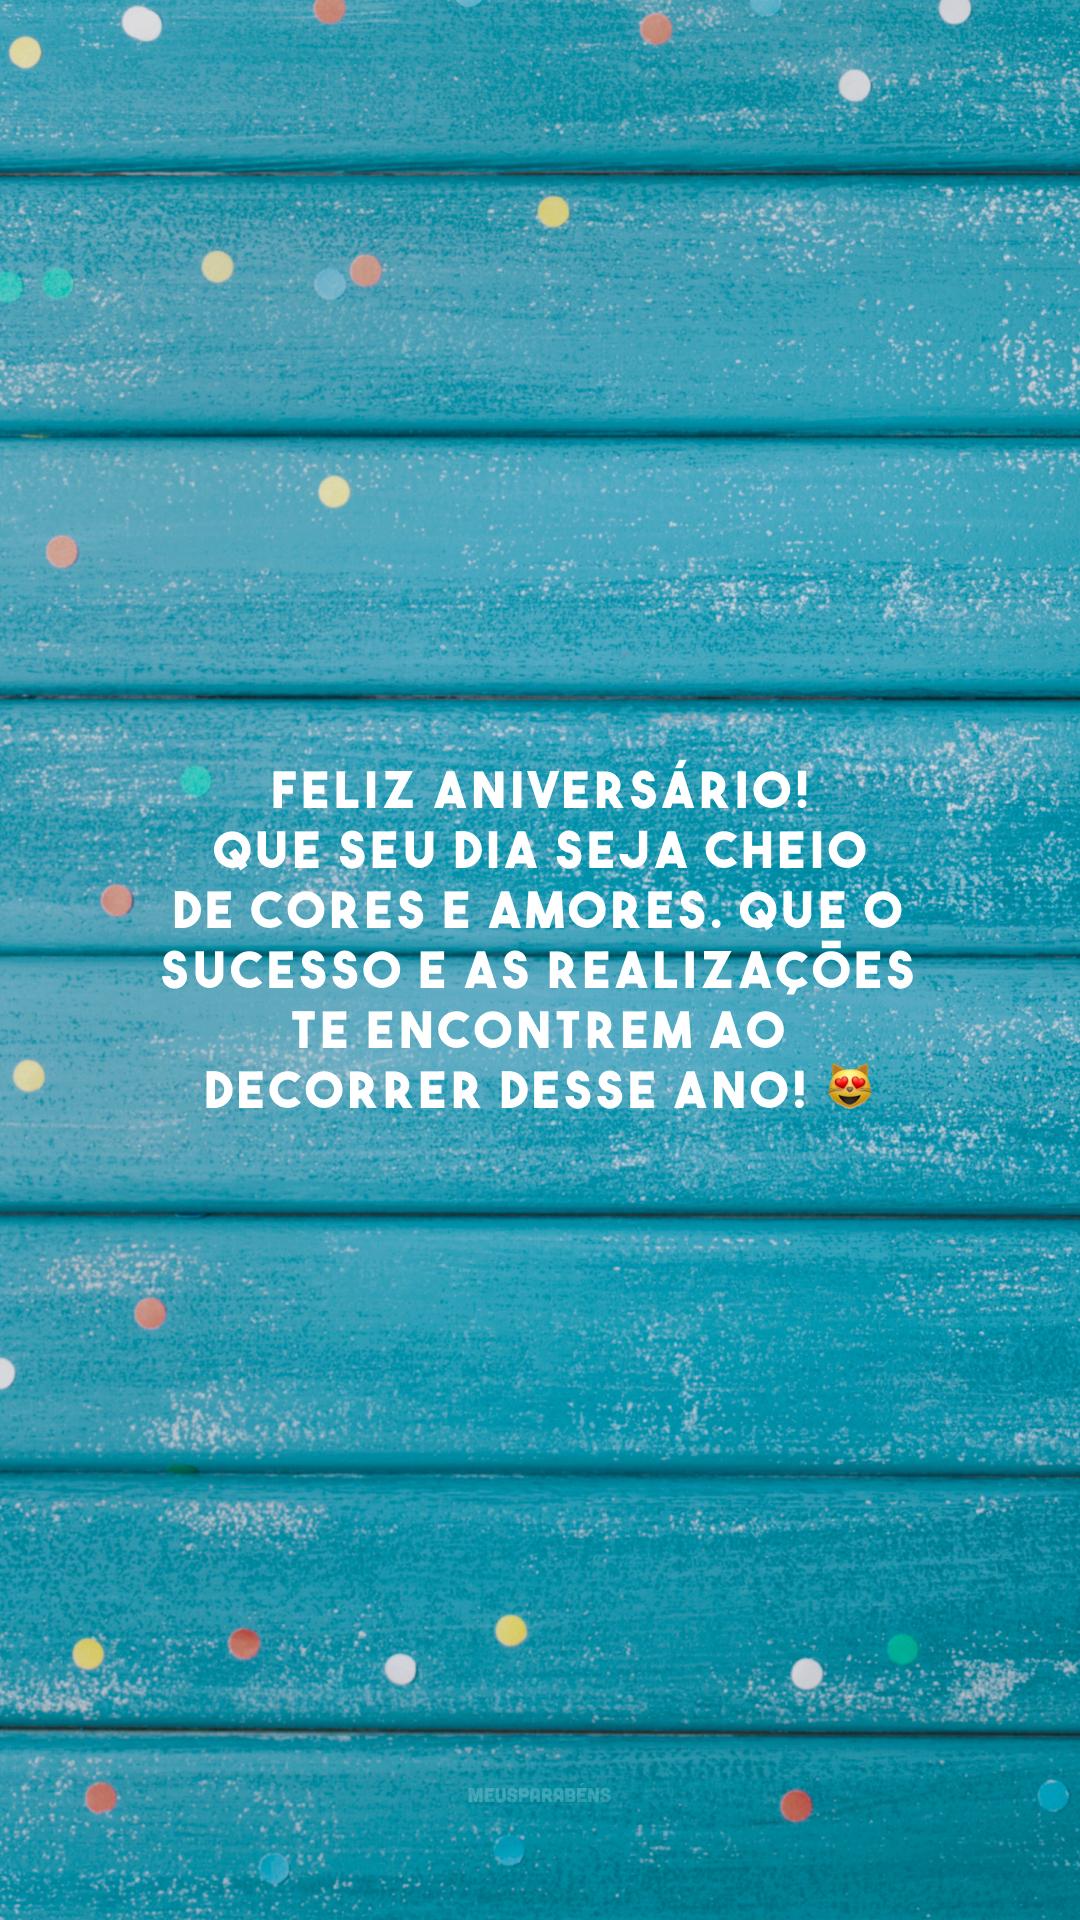 Feliz aniversário! Que seu dia seja cheio de cores e amores. Que o sucesso e as realizações te encontrem ao decorrer desse ano! 😻